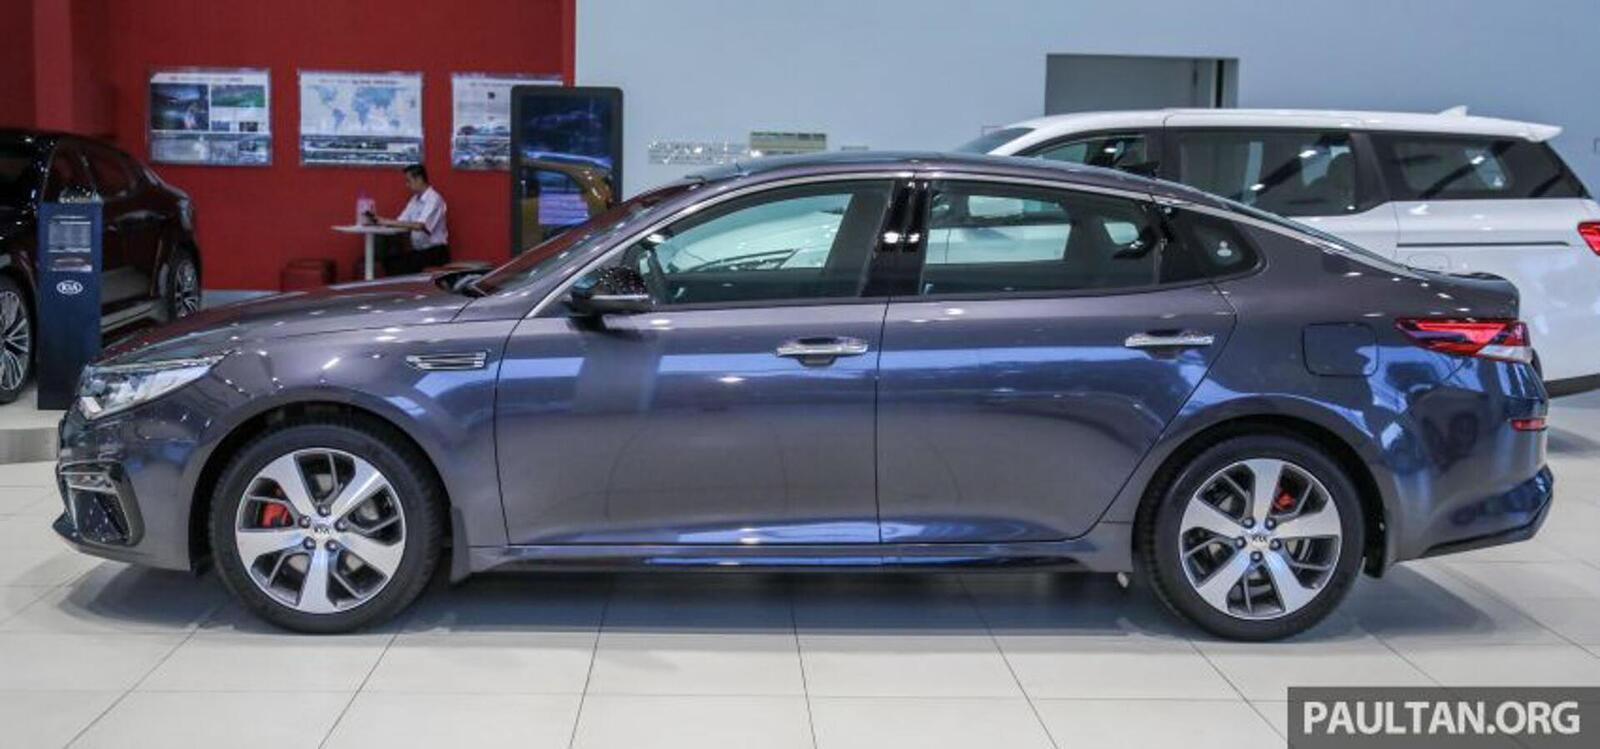 Kia Optima phiên bản nâng cấp facelift mới nhất đã có mặt tại Việt Nam - Hình 10